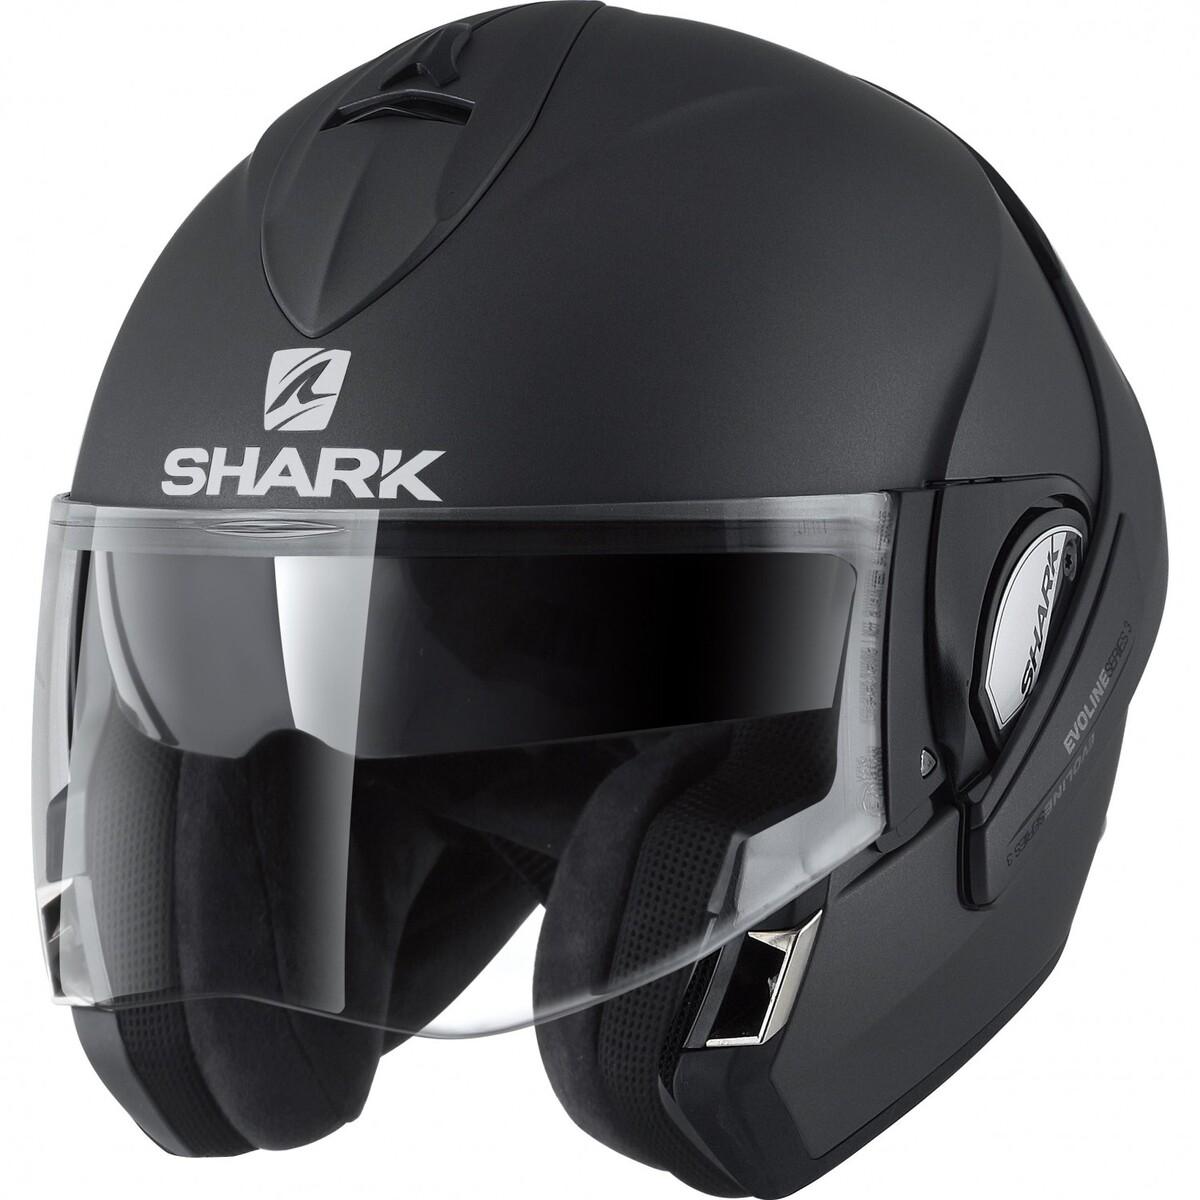 Bild 1 von Shark EvoLine Series 3 GT Klapphelm matt schwarz Größe XXL